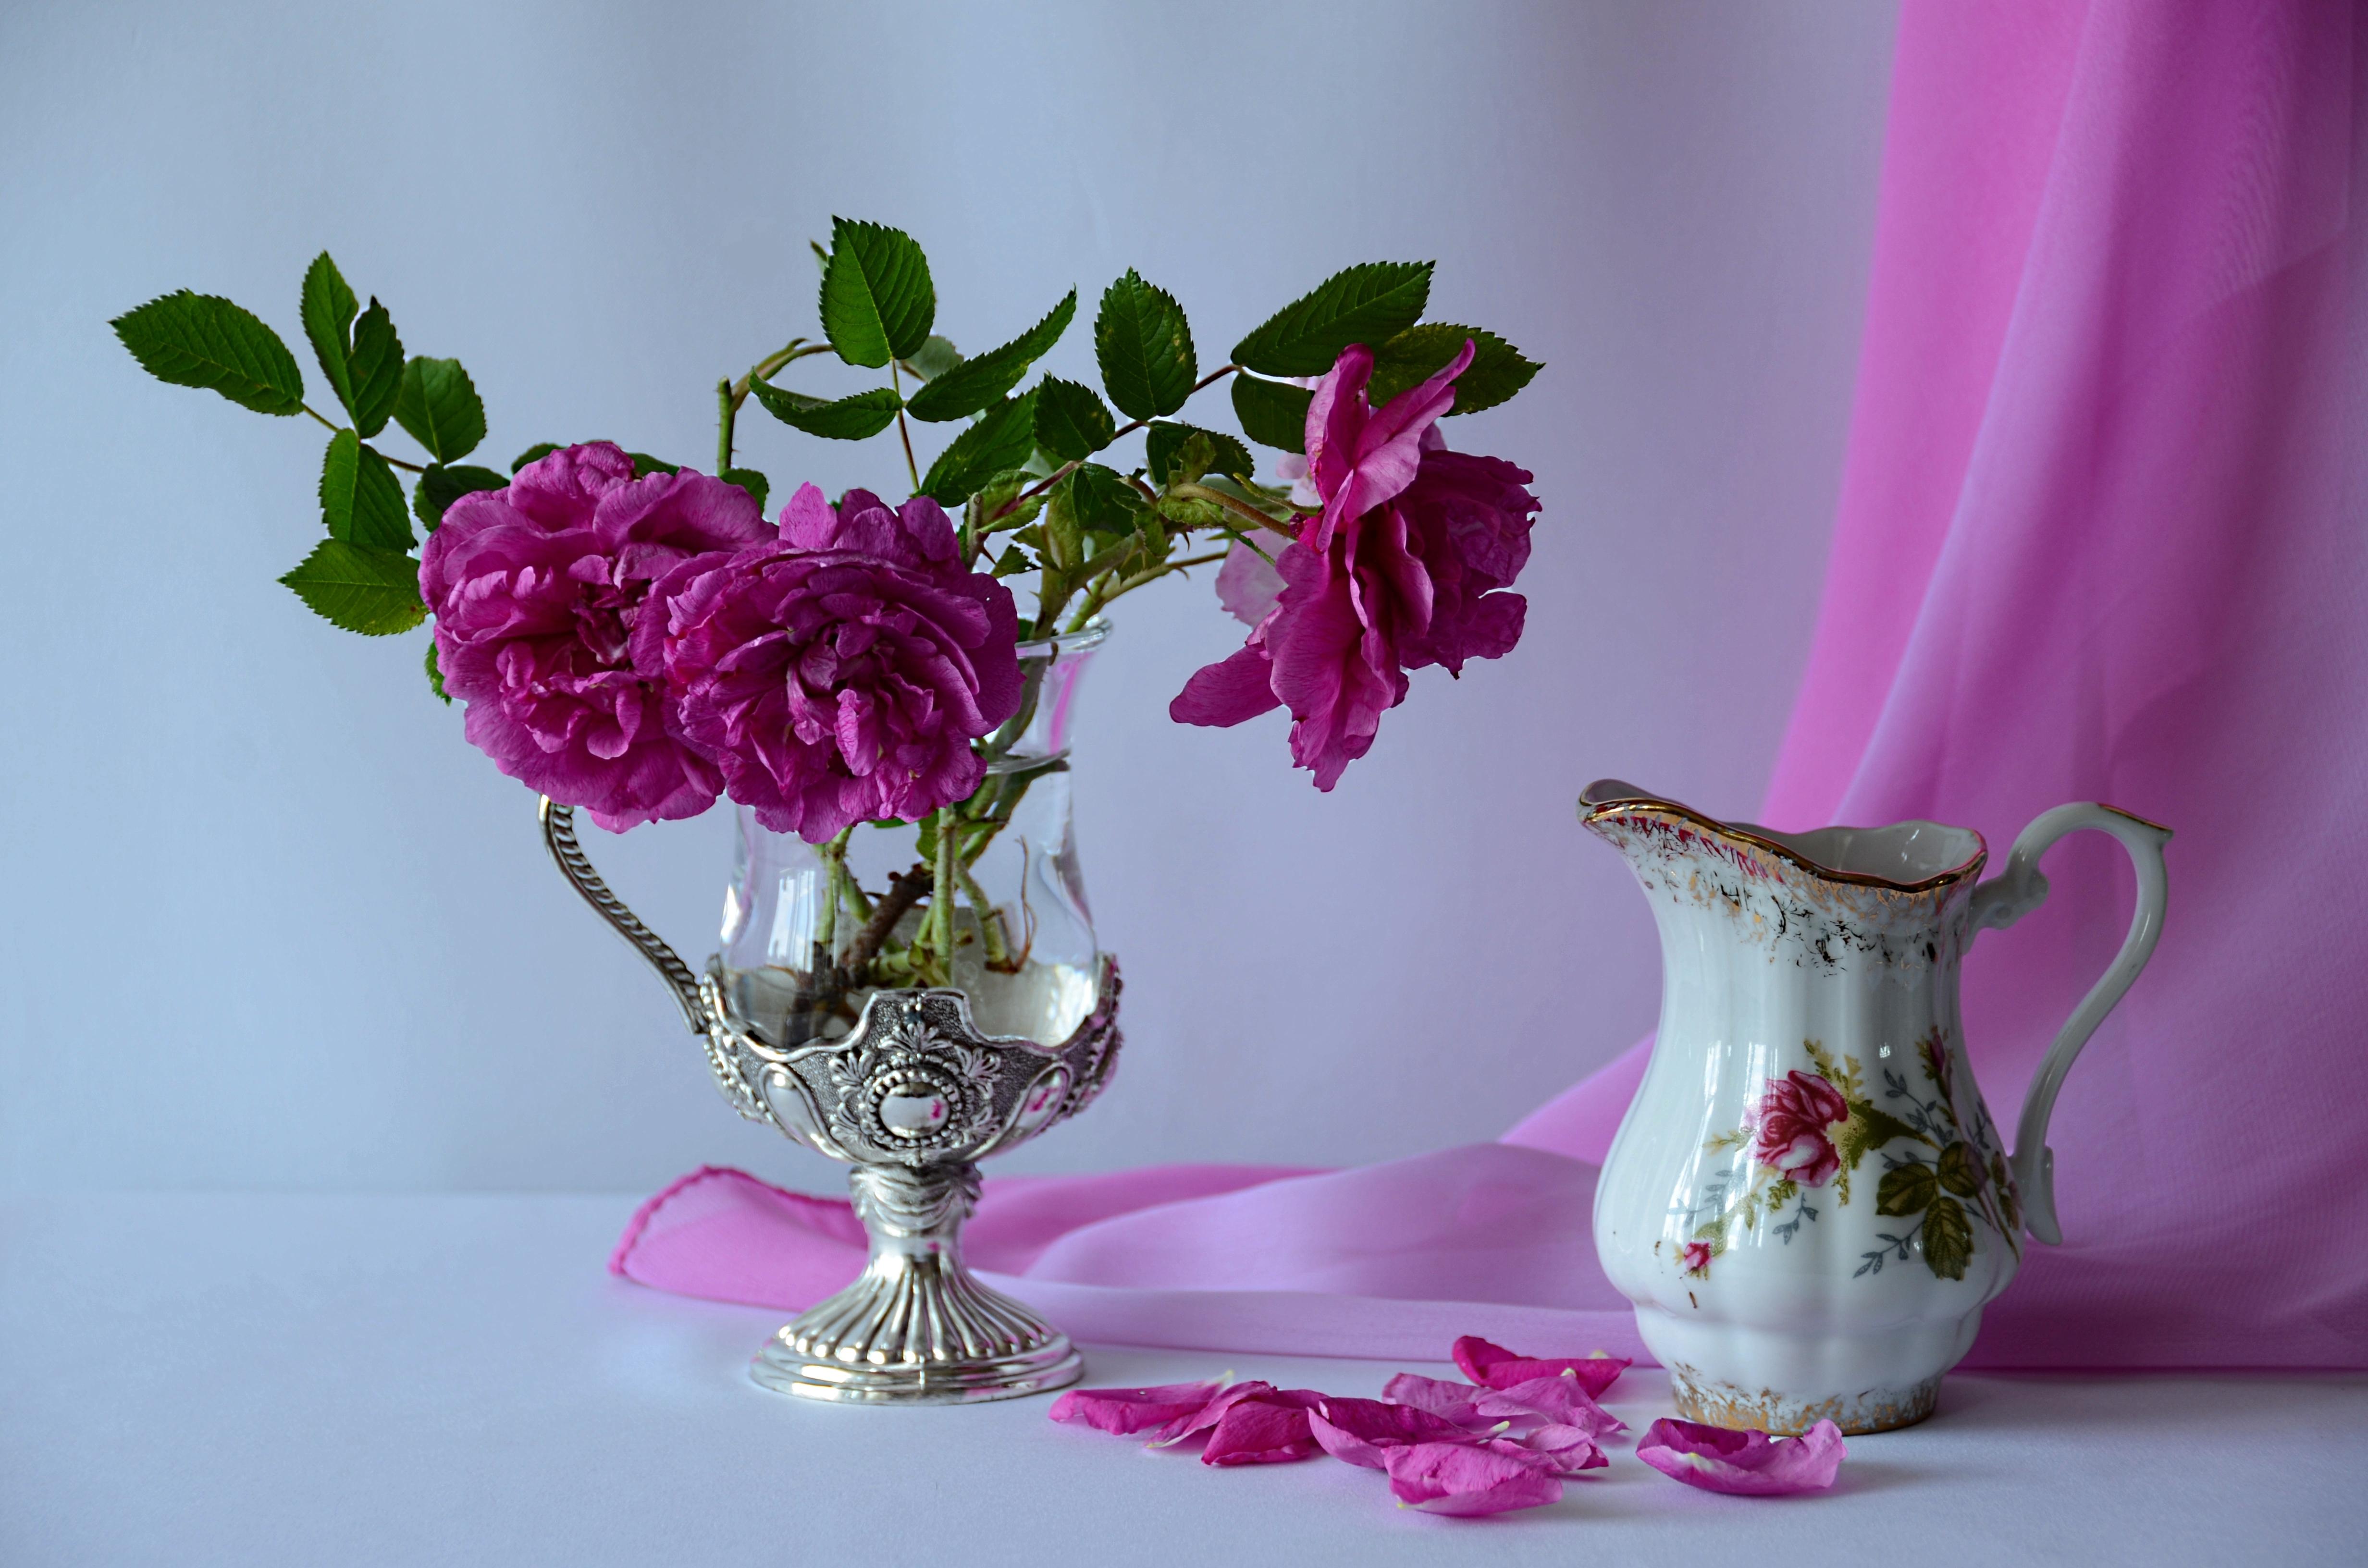 розы цветы ваза  № 1332608 без смс